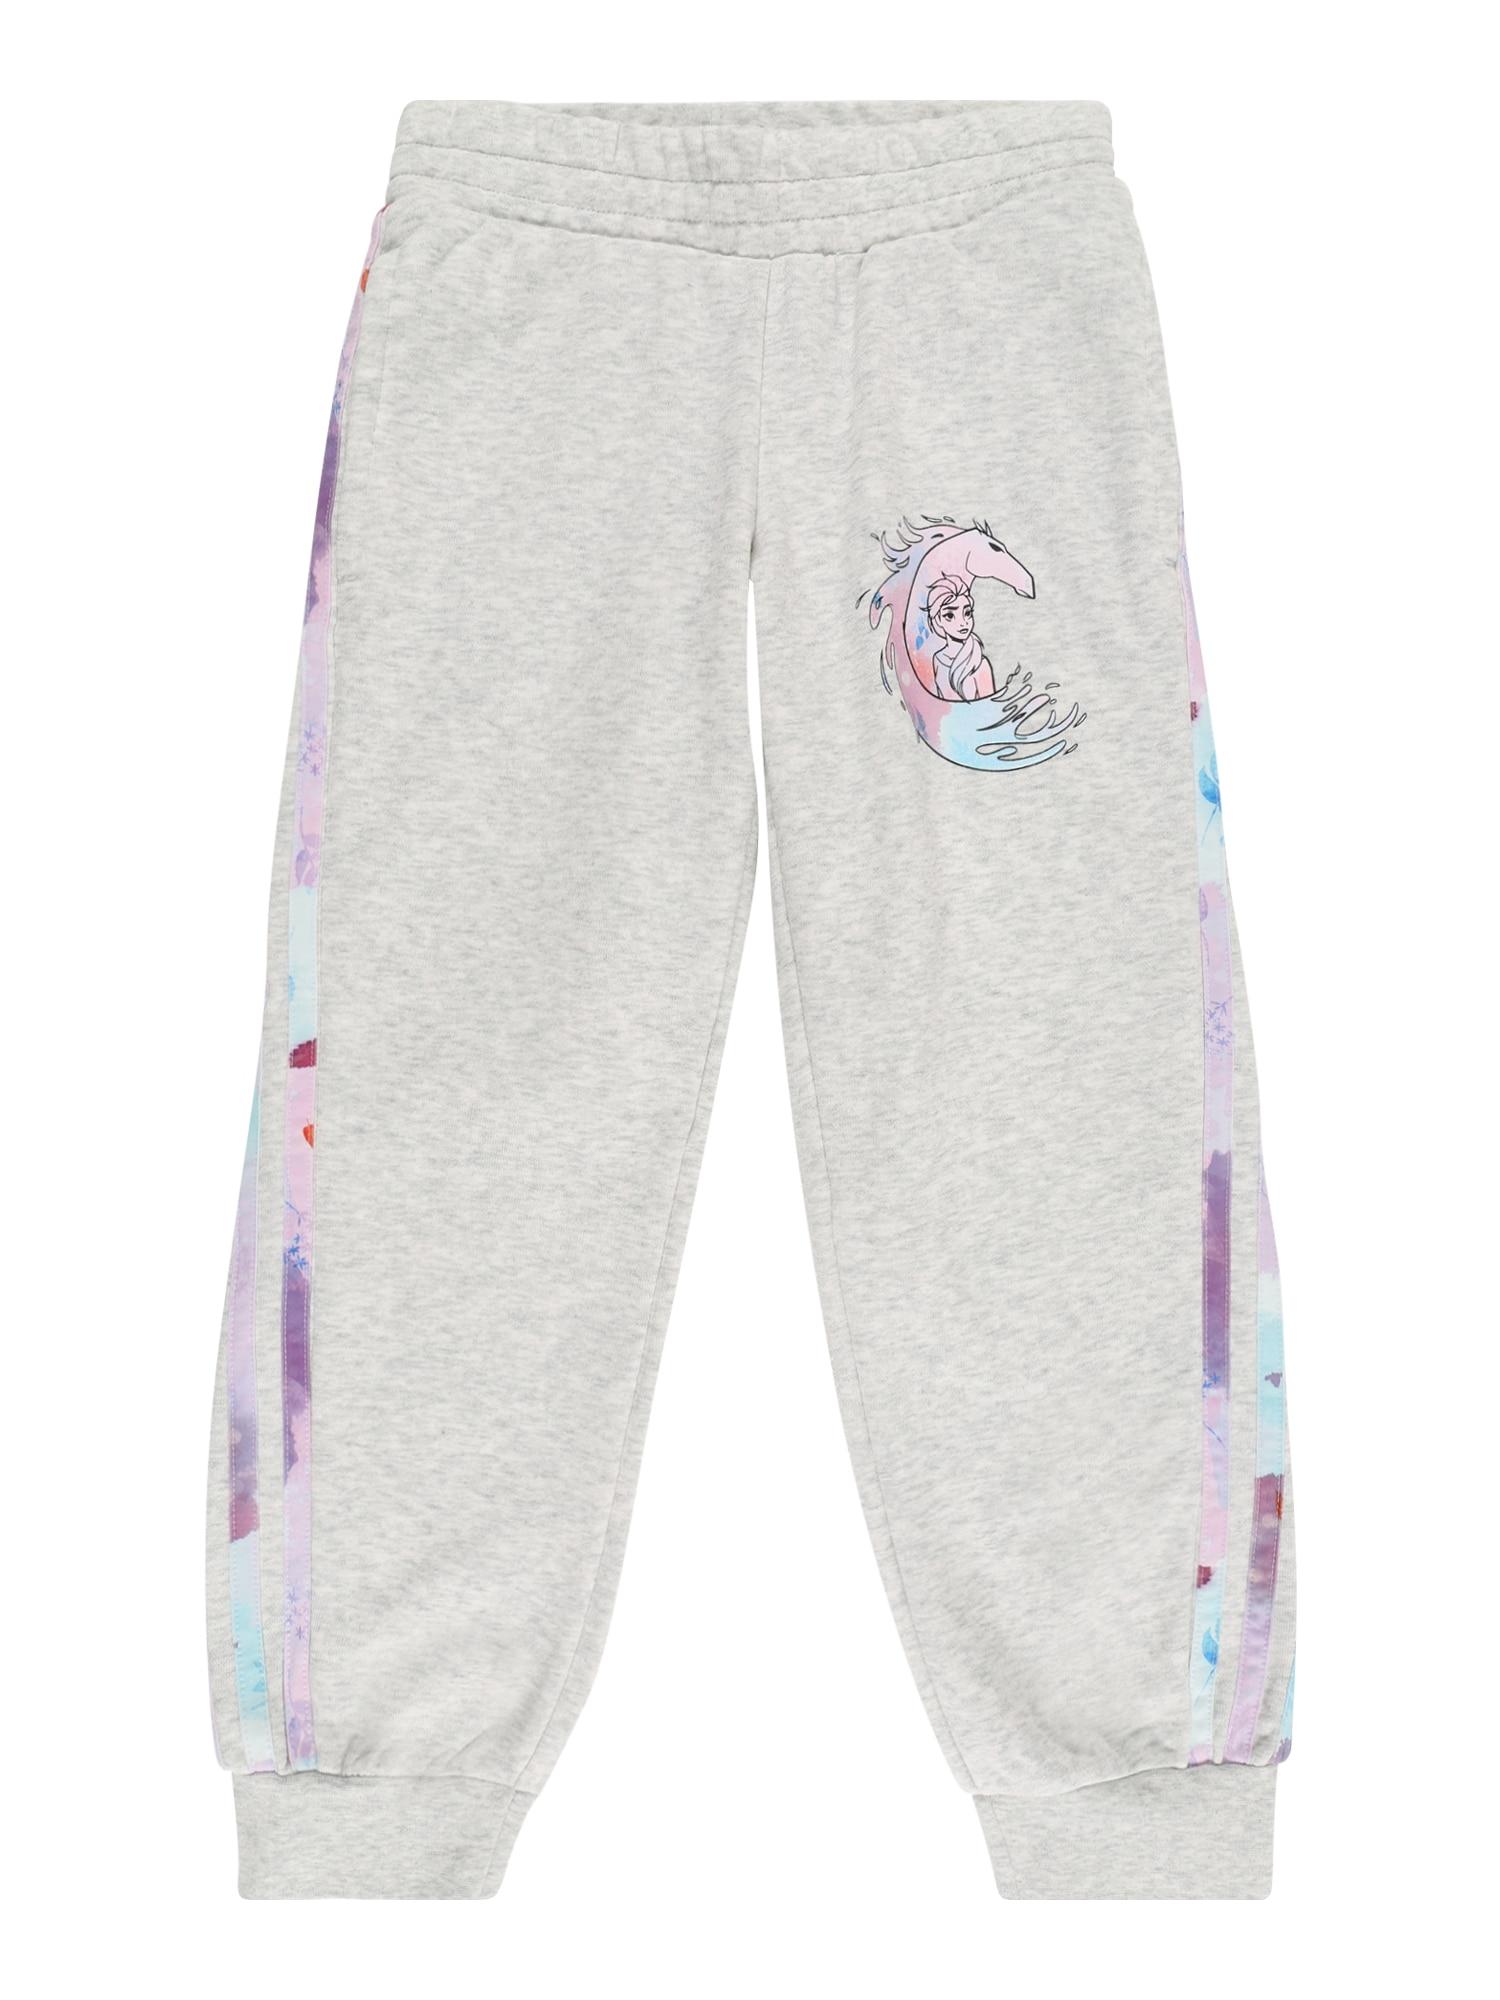 ADIDAS PERFORMANCE Sportinės kelnės 'Frozen' šviesiai pilka / turkio spalva / rožių spalva / pastelinė violetinė